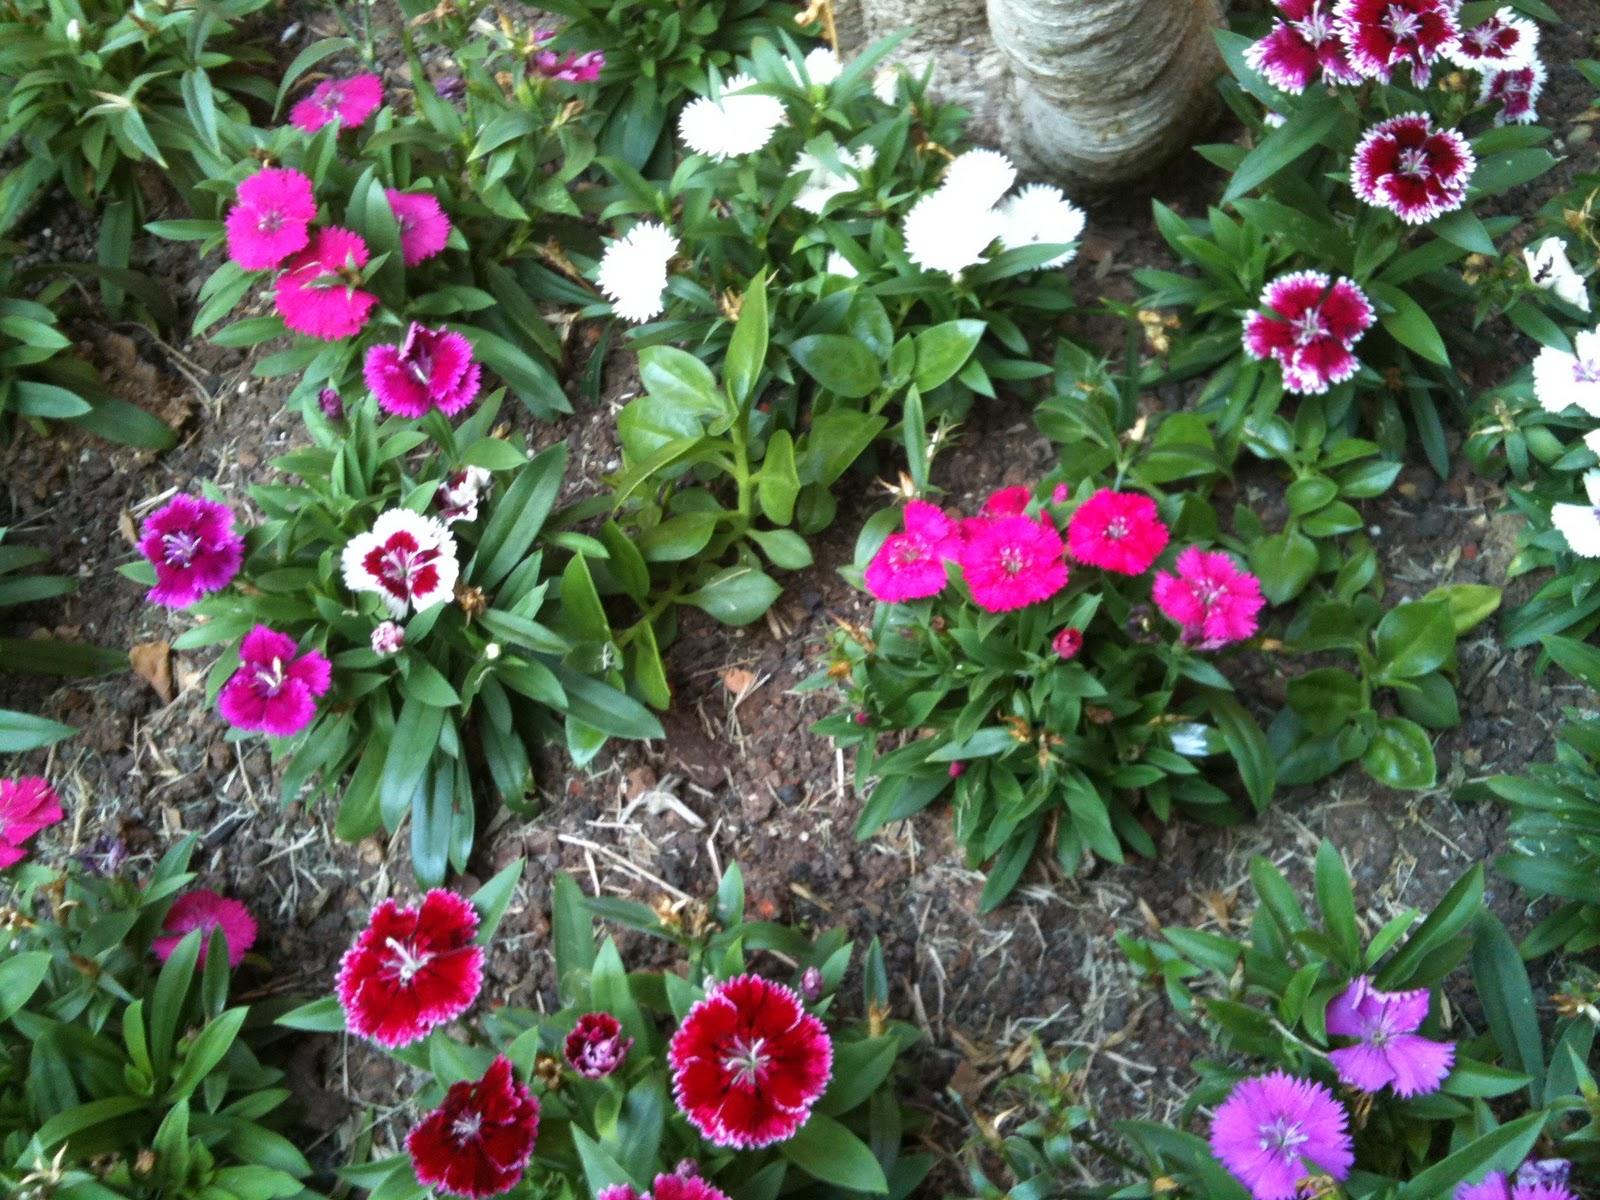 plantas jardim vertical meia sombra : plantas jardim vertical meia sombra:canteiro, ou no seu caso, a jardineira deve ser bem drenada. Deixe a